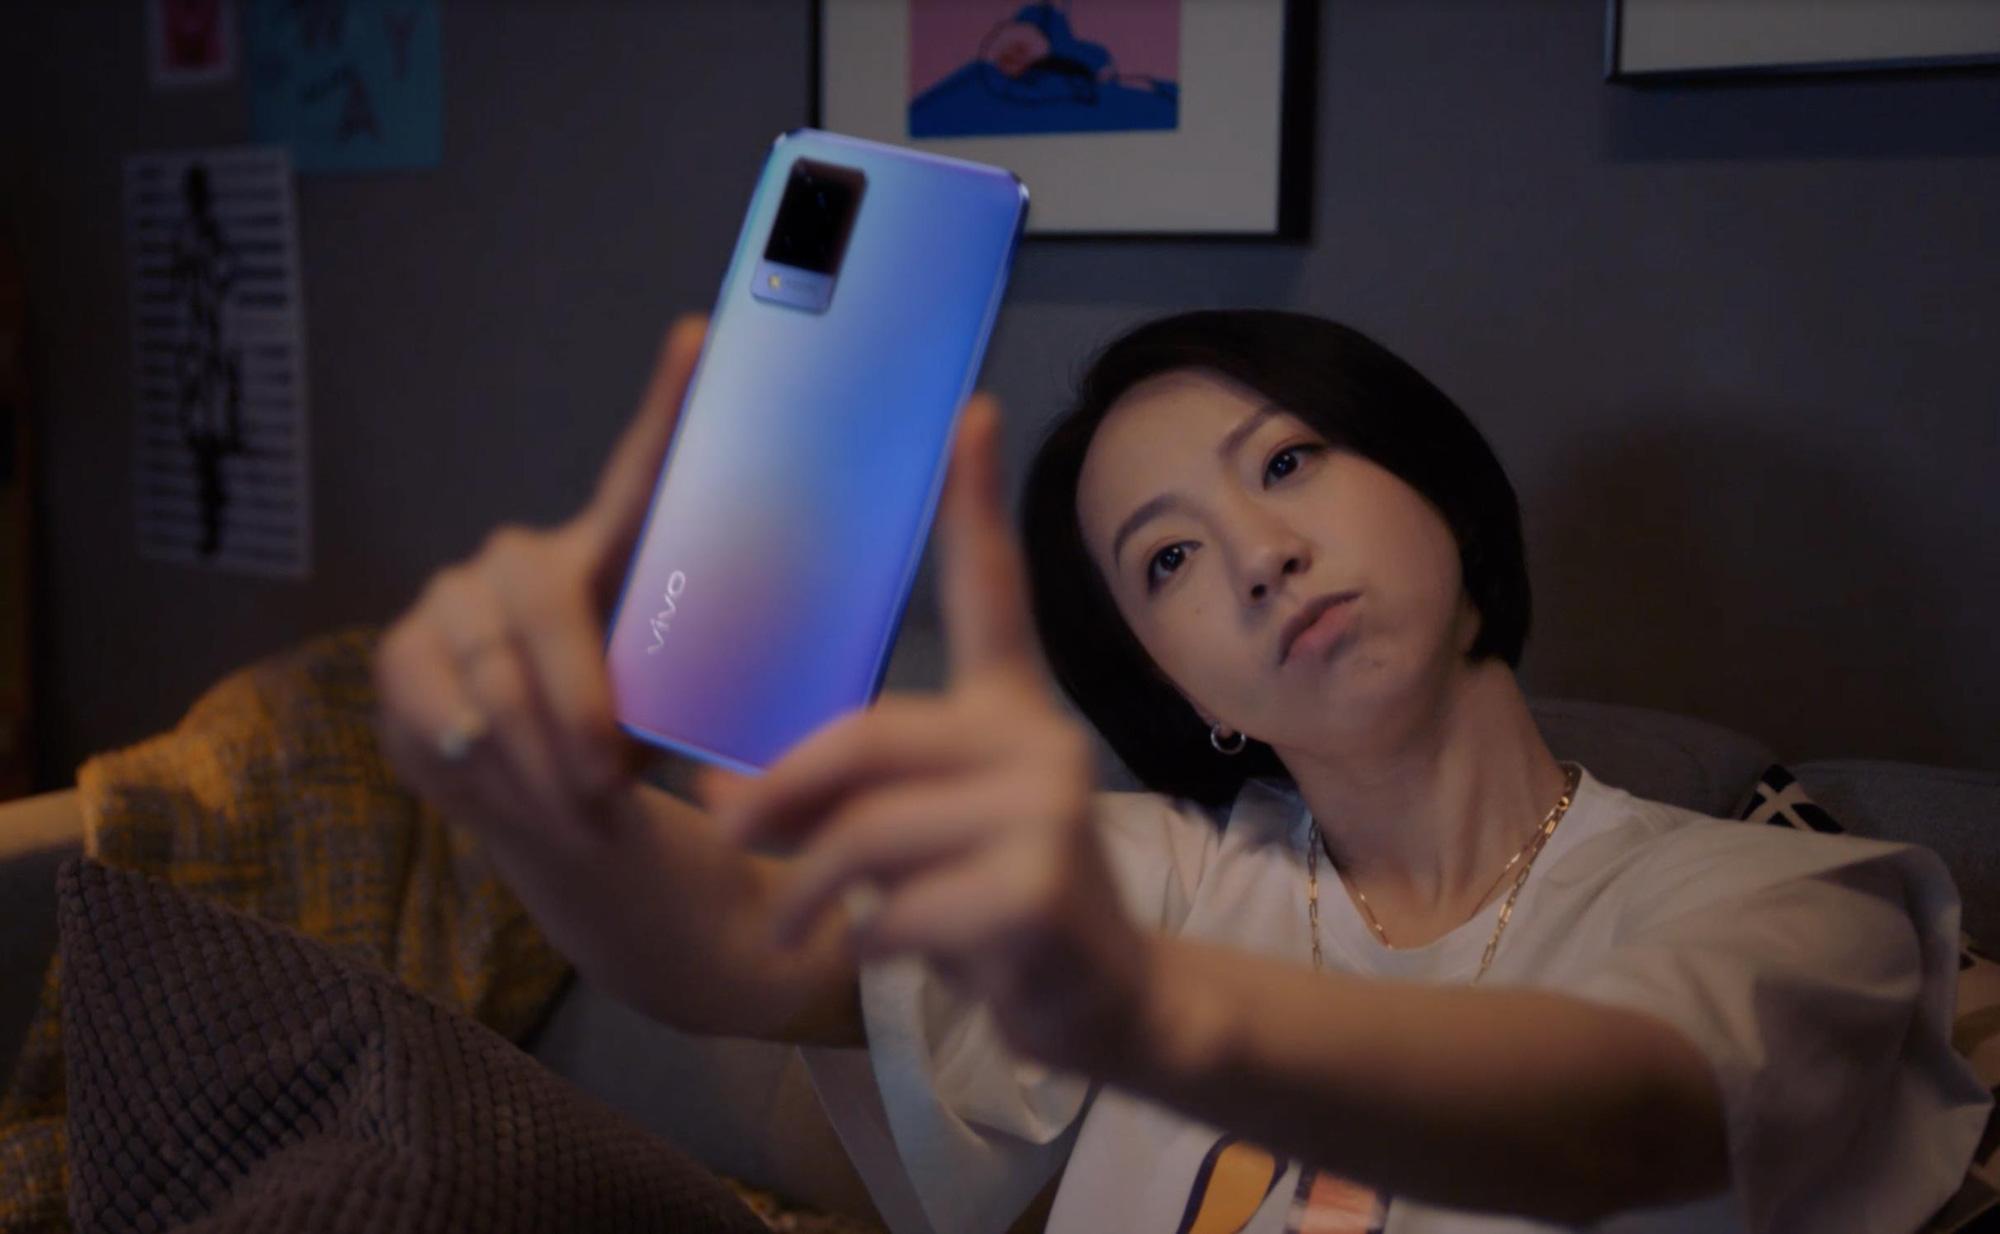 """Tin vui cho tín đồ thích chụp ảnh: Ảnh mờ nhòe, out nét không còn là nỗi bận tâm với """"siêu phẩm selfie"""" vivo V21 5G - Ảnh 2."""